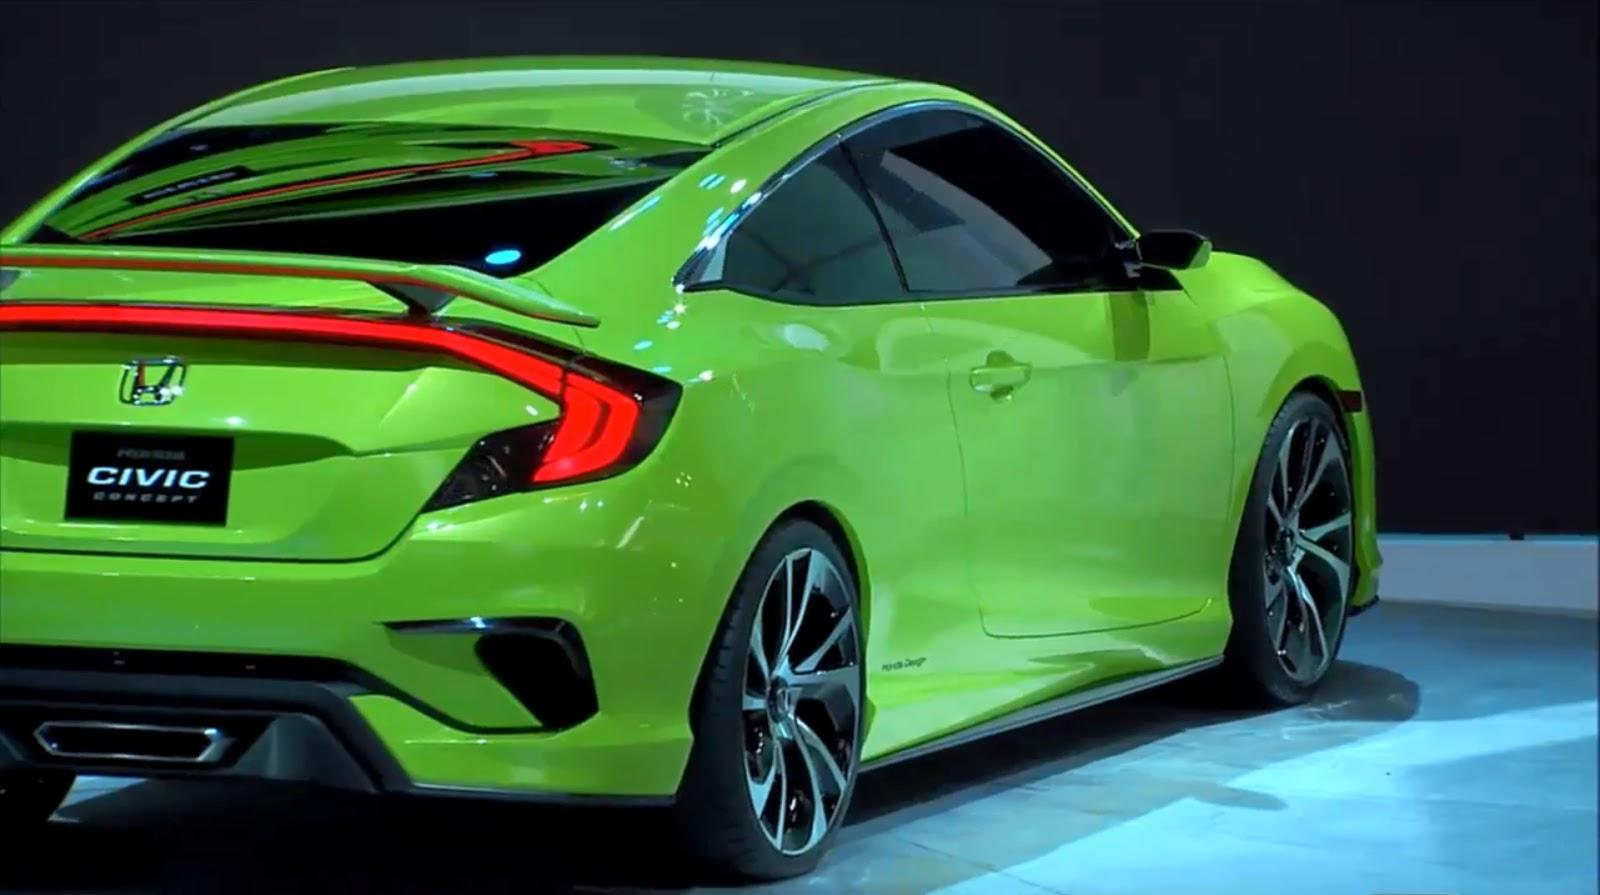 New Honda Civic Concept Previews Quot Epic Quot 2016 Production